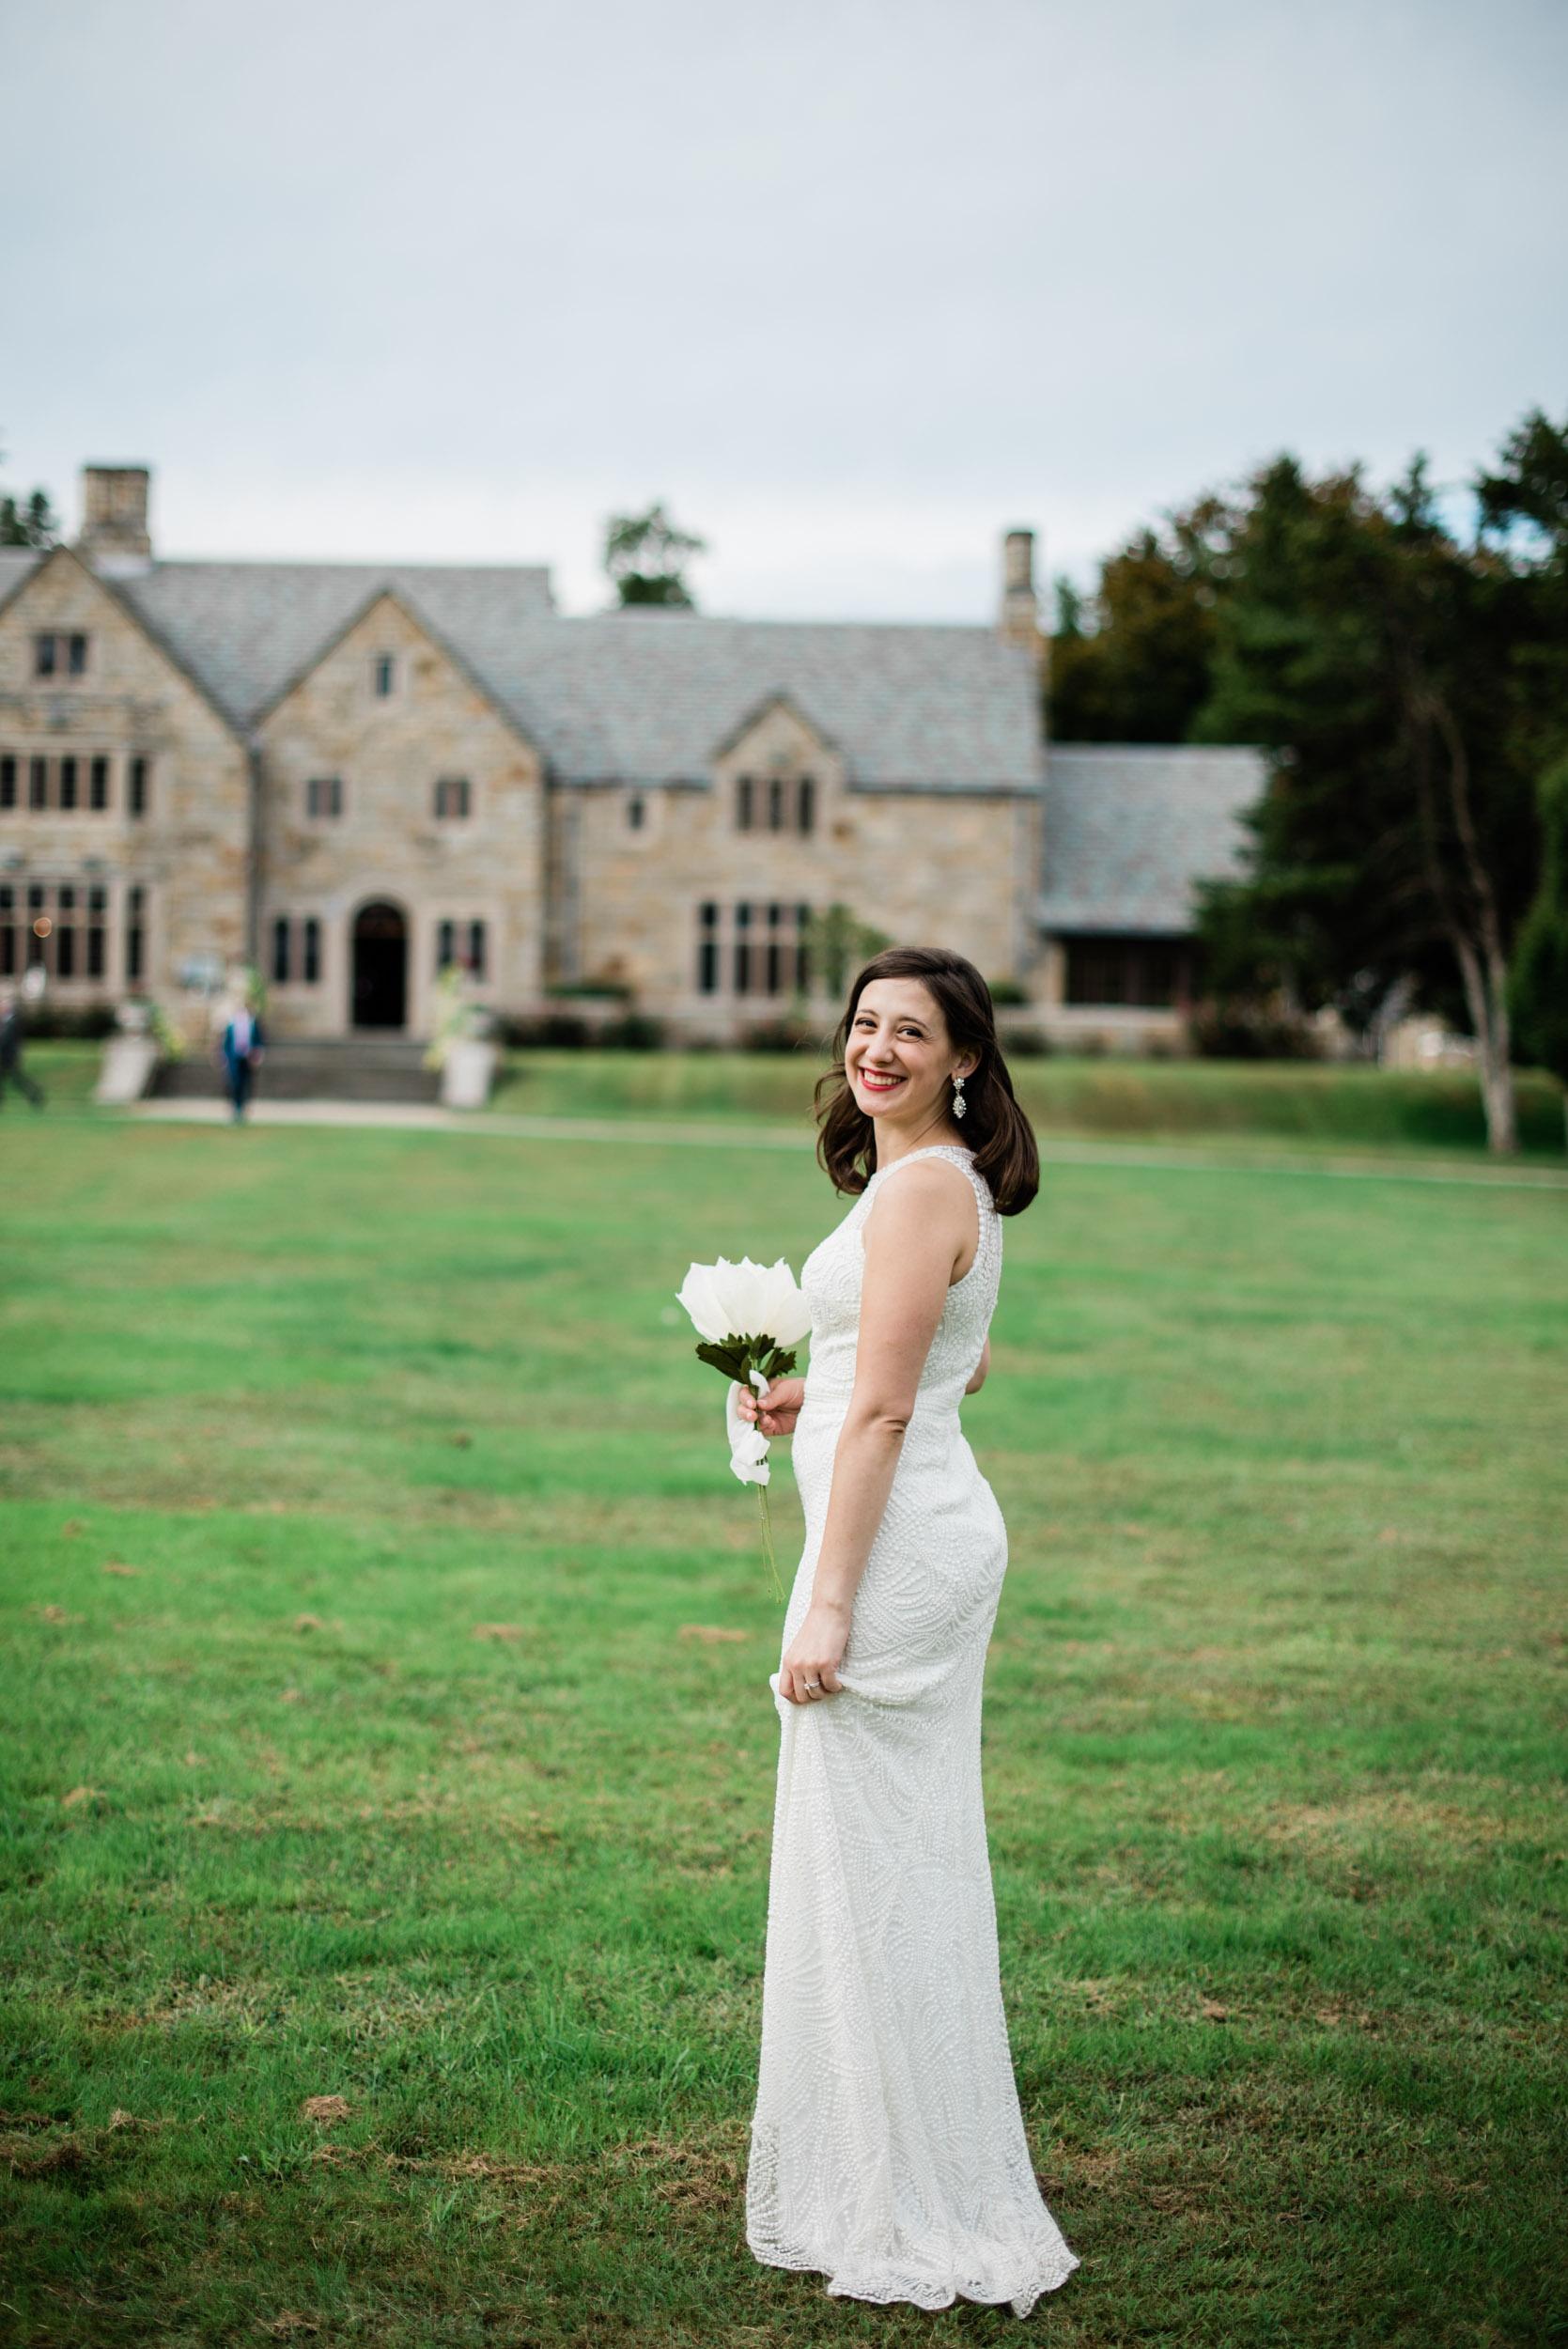 Estate Weddings in the Berkshires